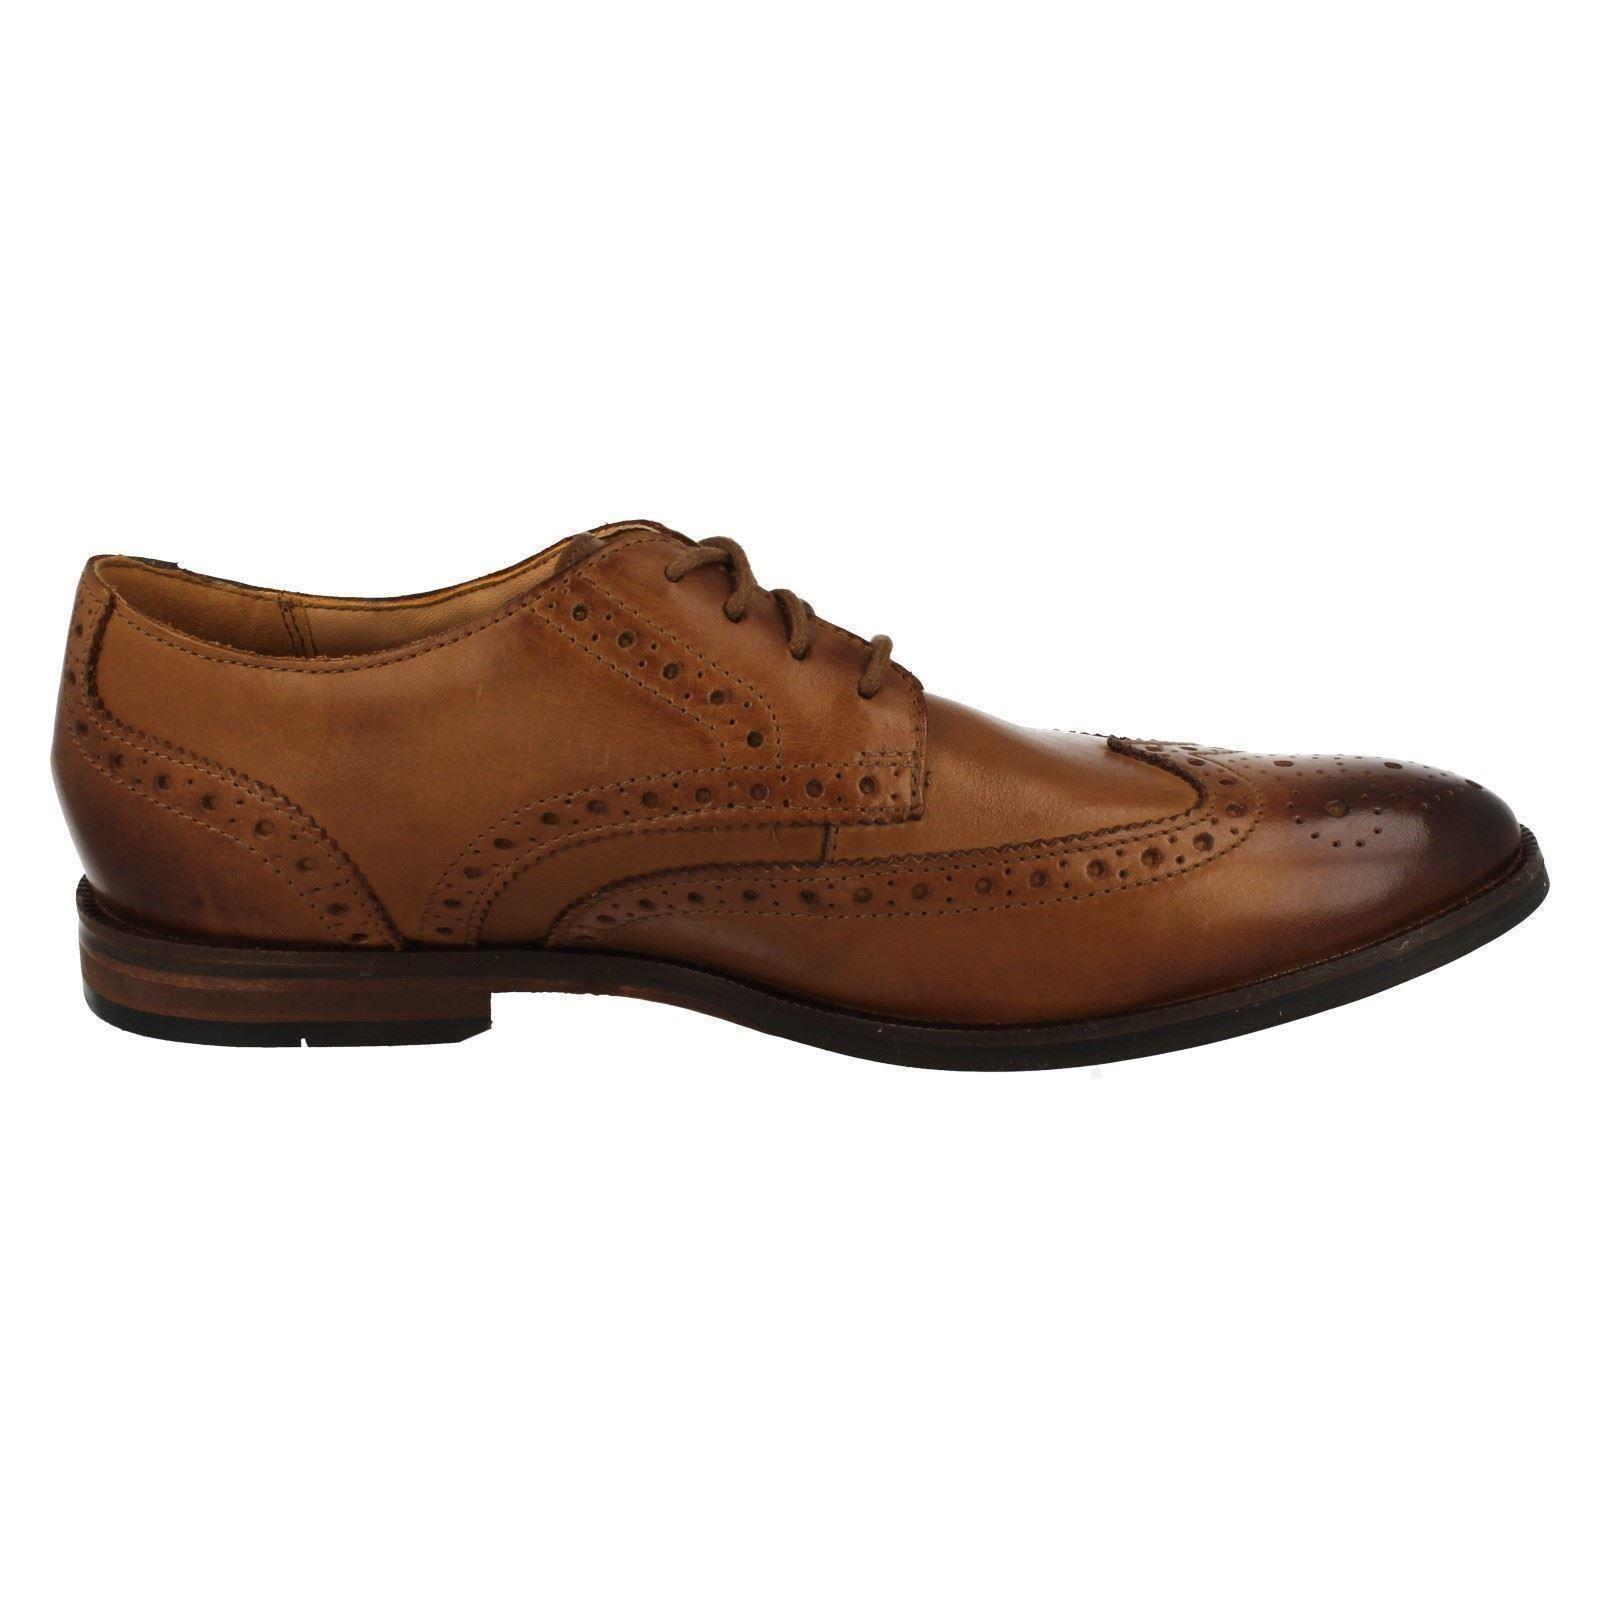 Hombre-Clarks-Zapatos-Oxford-con-Cordones-039-Broyd-Limite-039